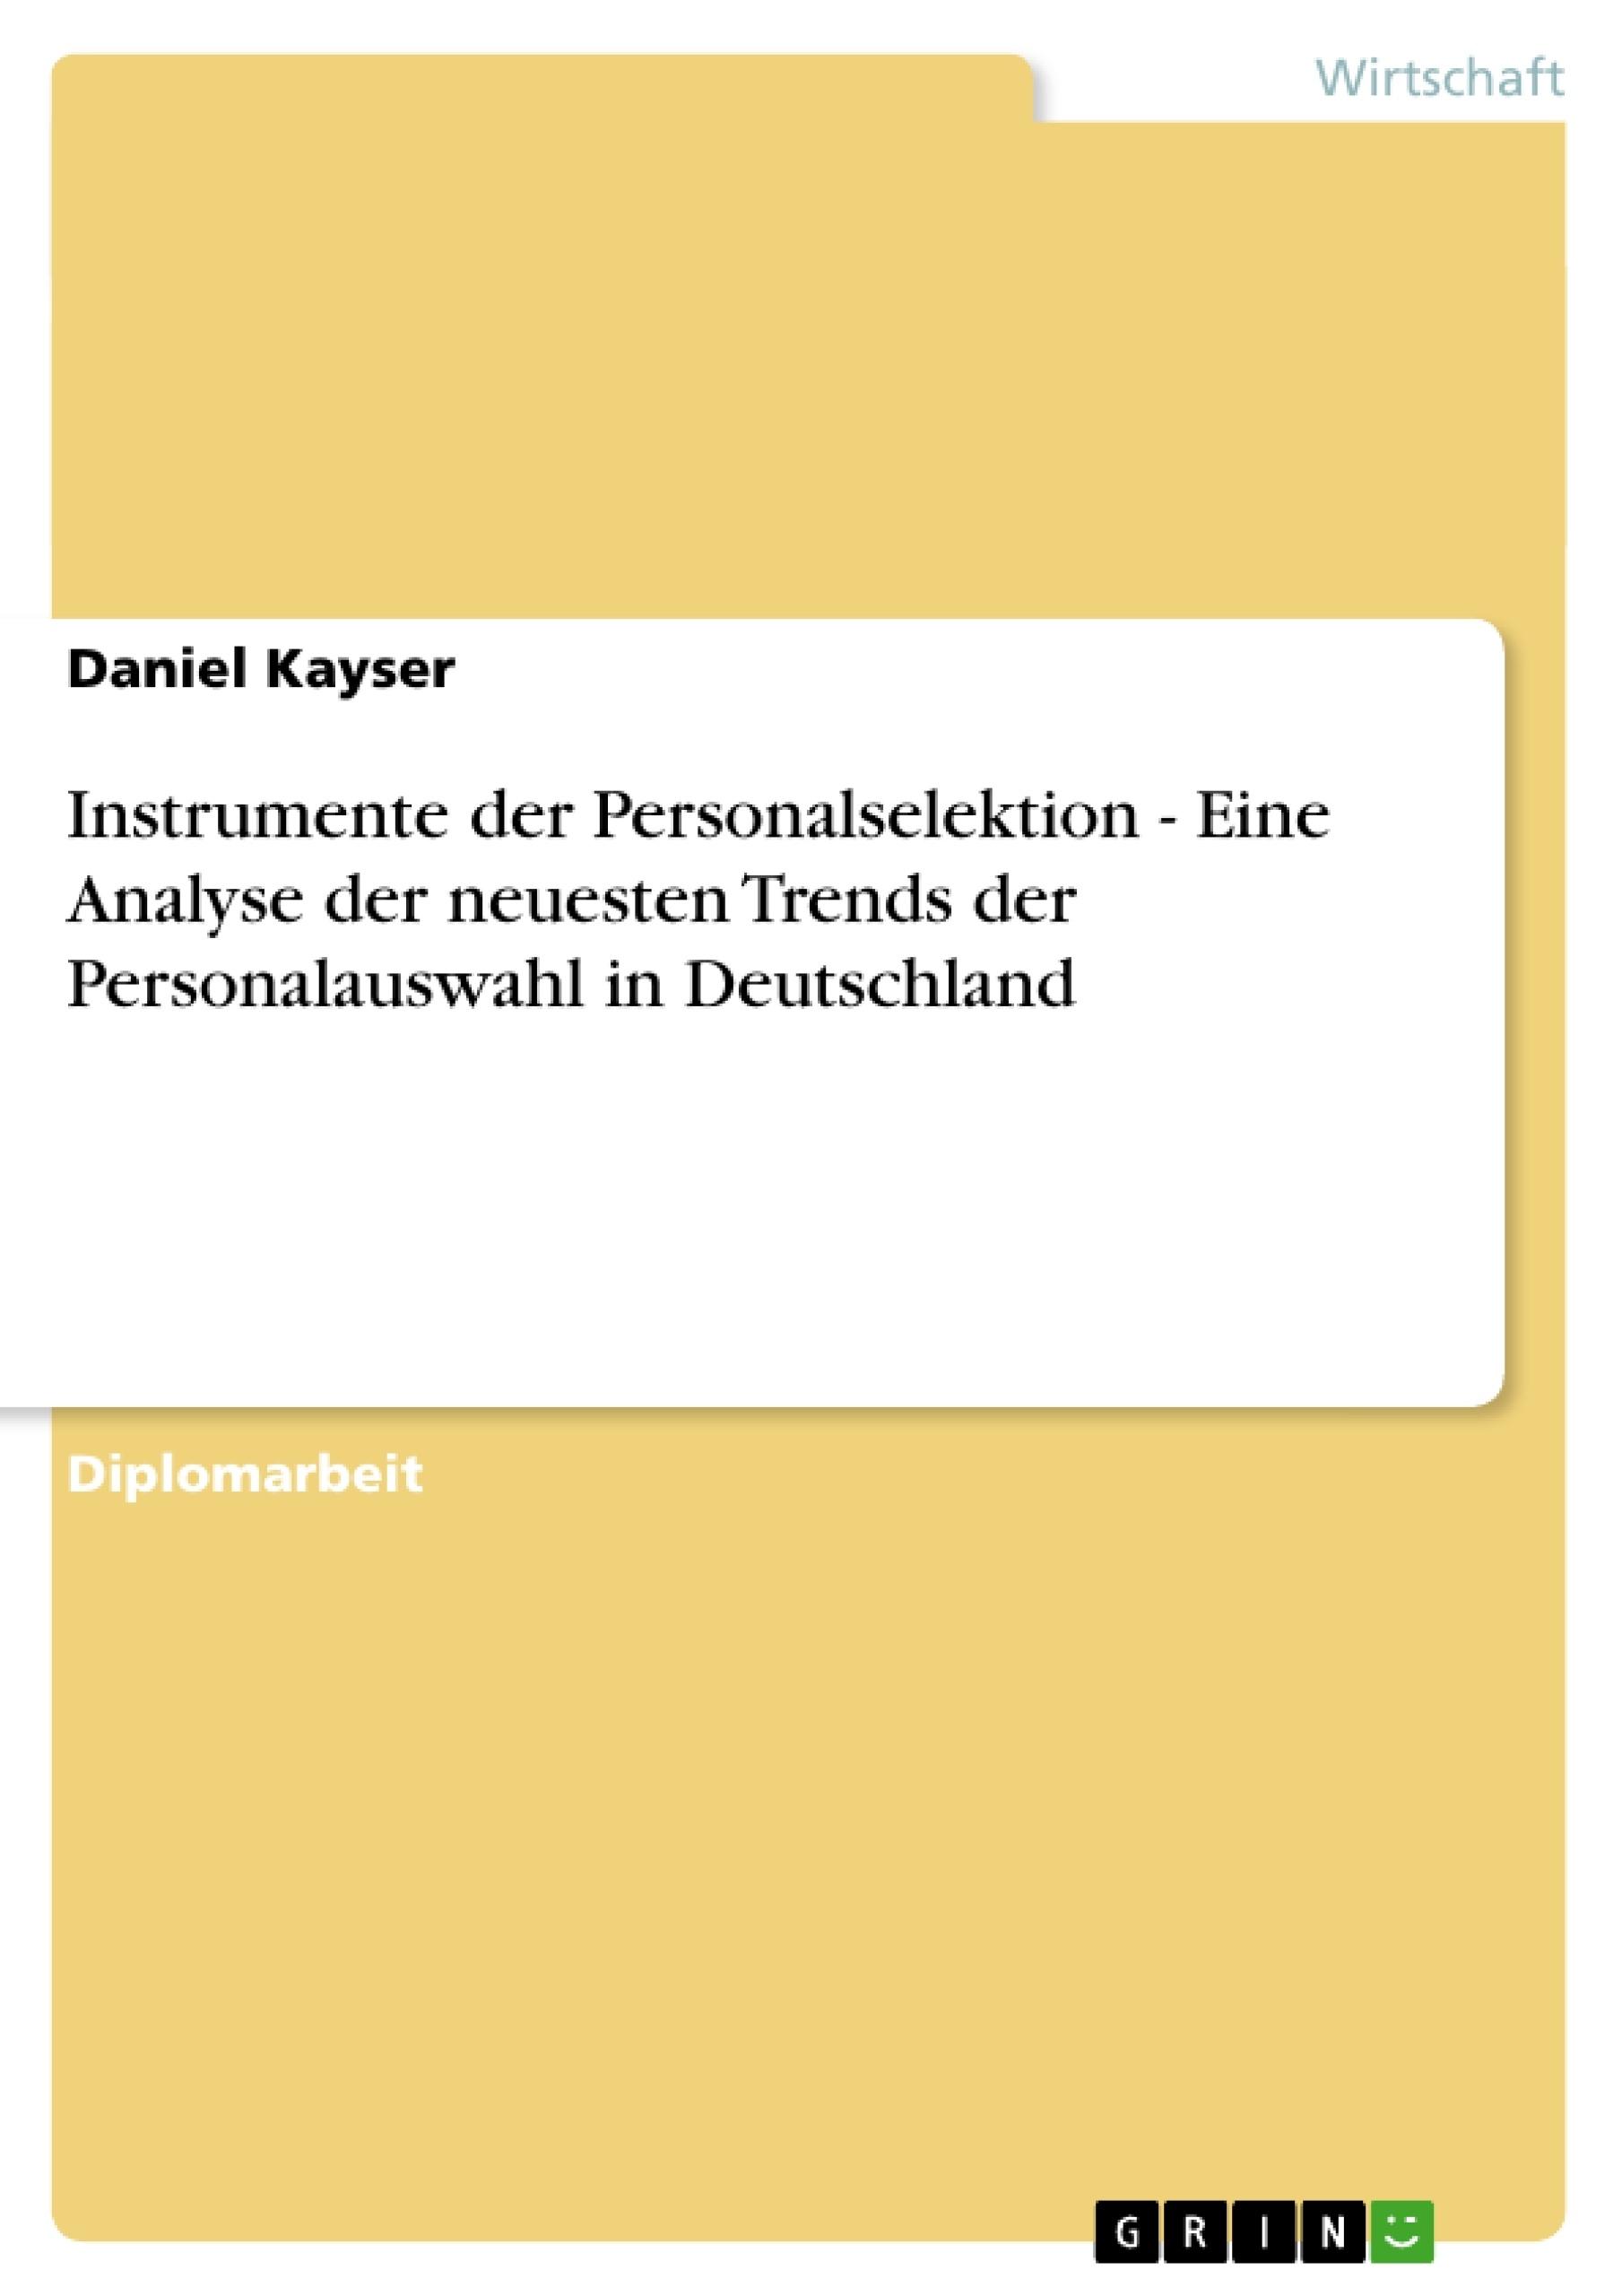 Titel: Instrumente der Personalselektion - Eine Analyse der neuesten Trends der Personalauswahl in Deutschland